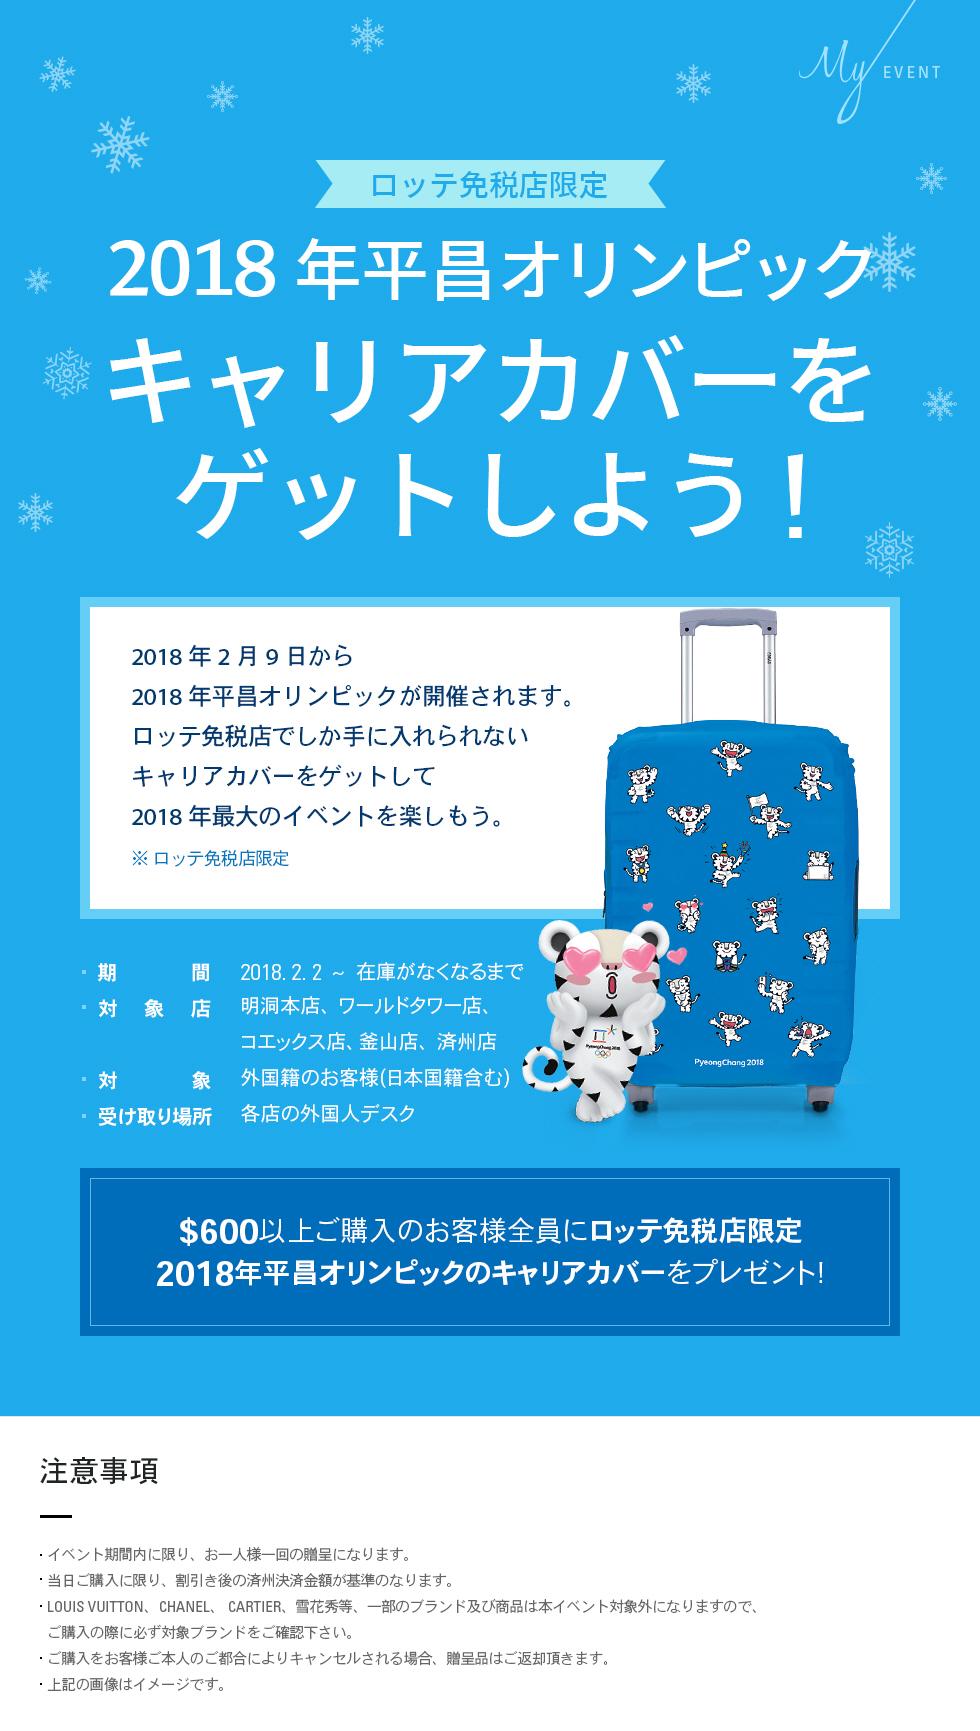 2018年平昌オリンピック キャリアカバーをゲットしよう!